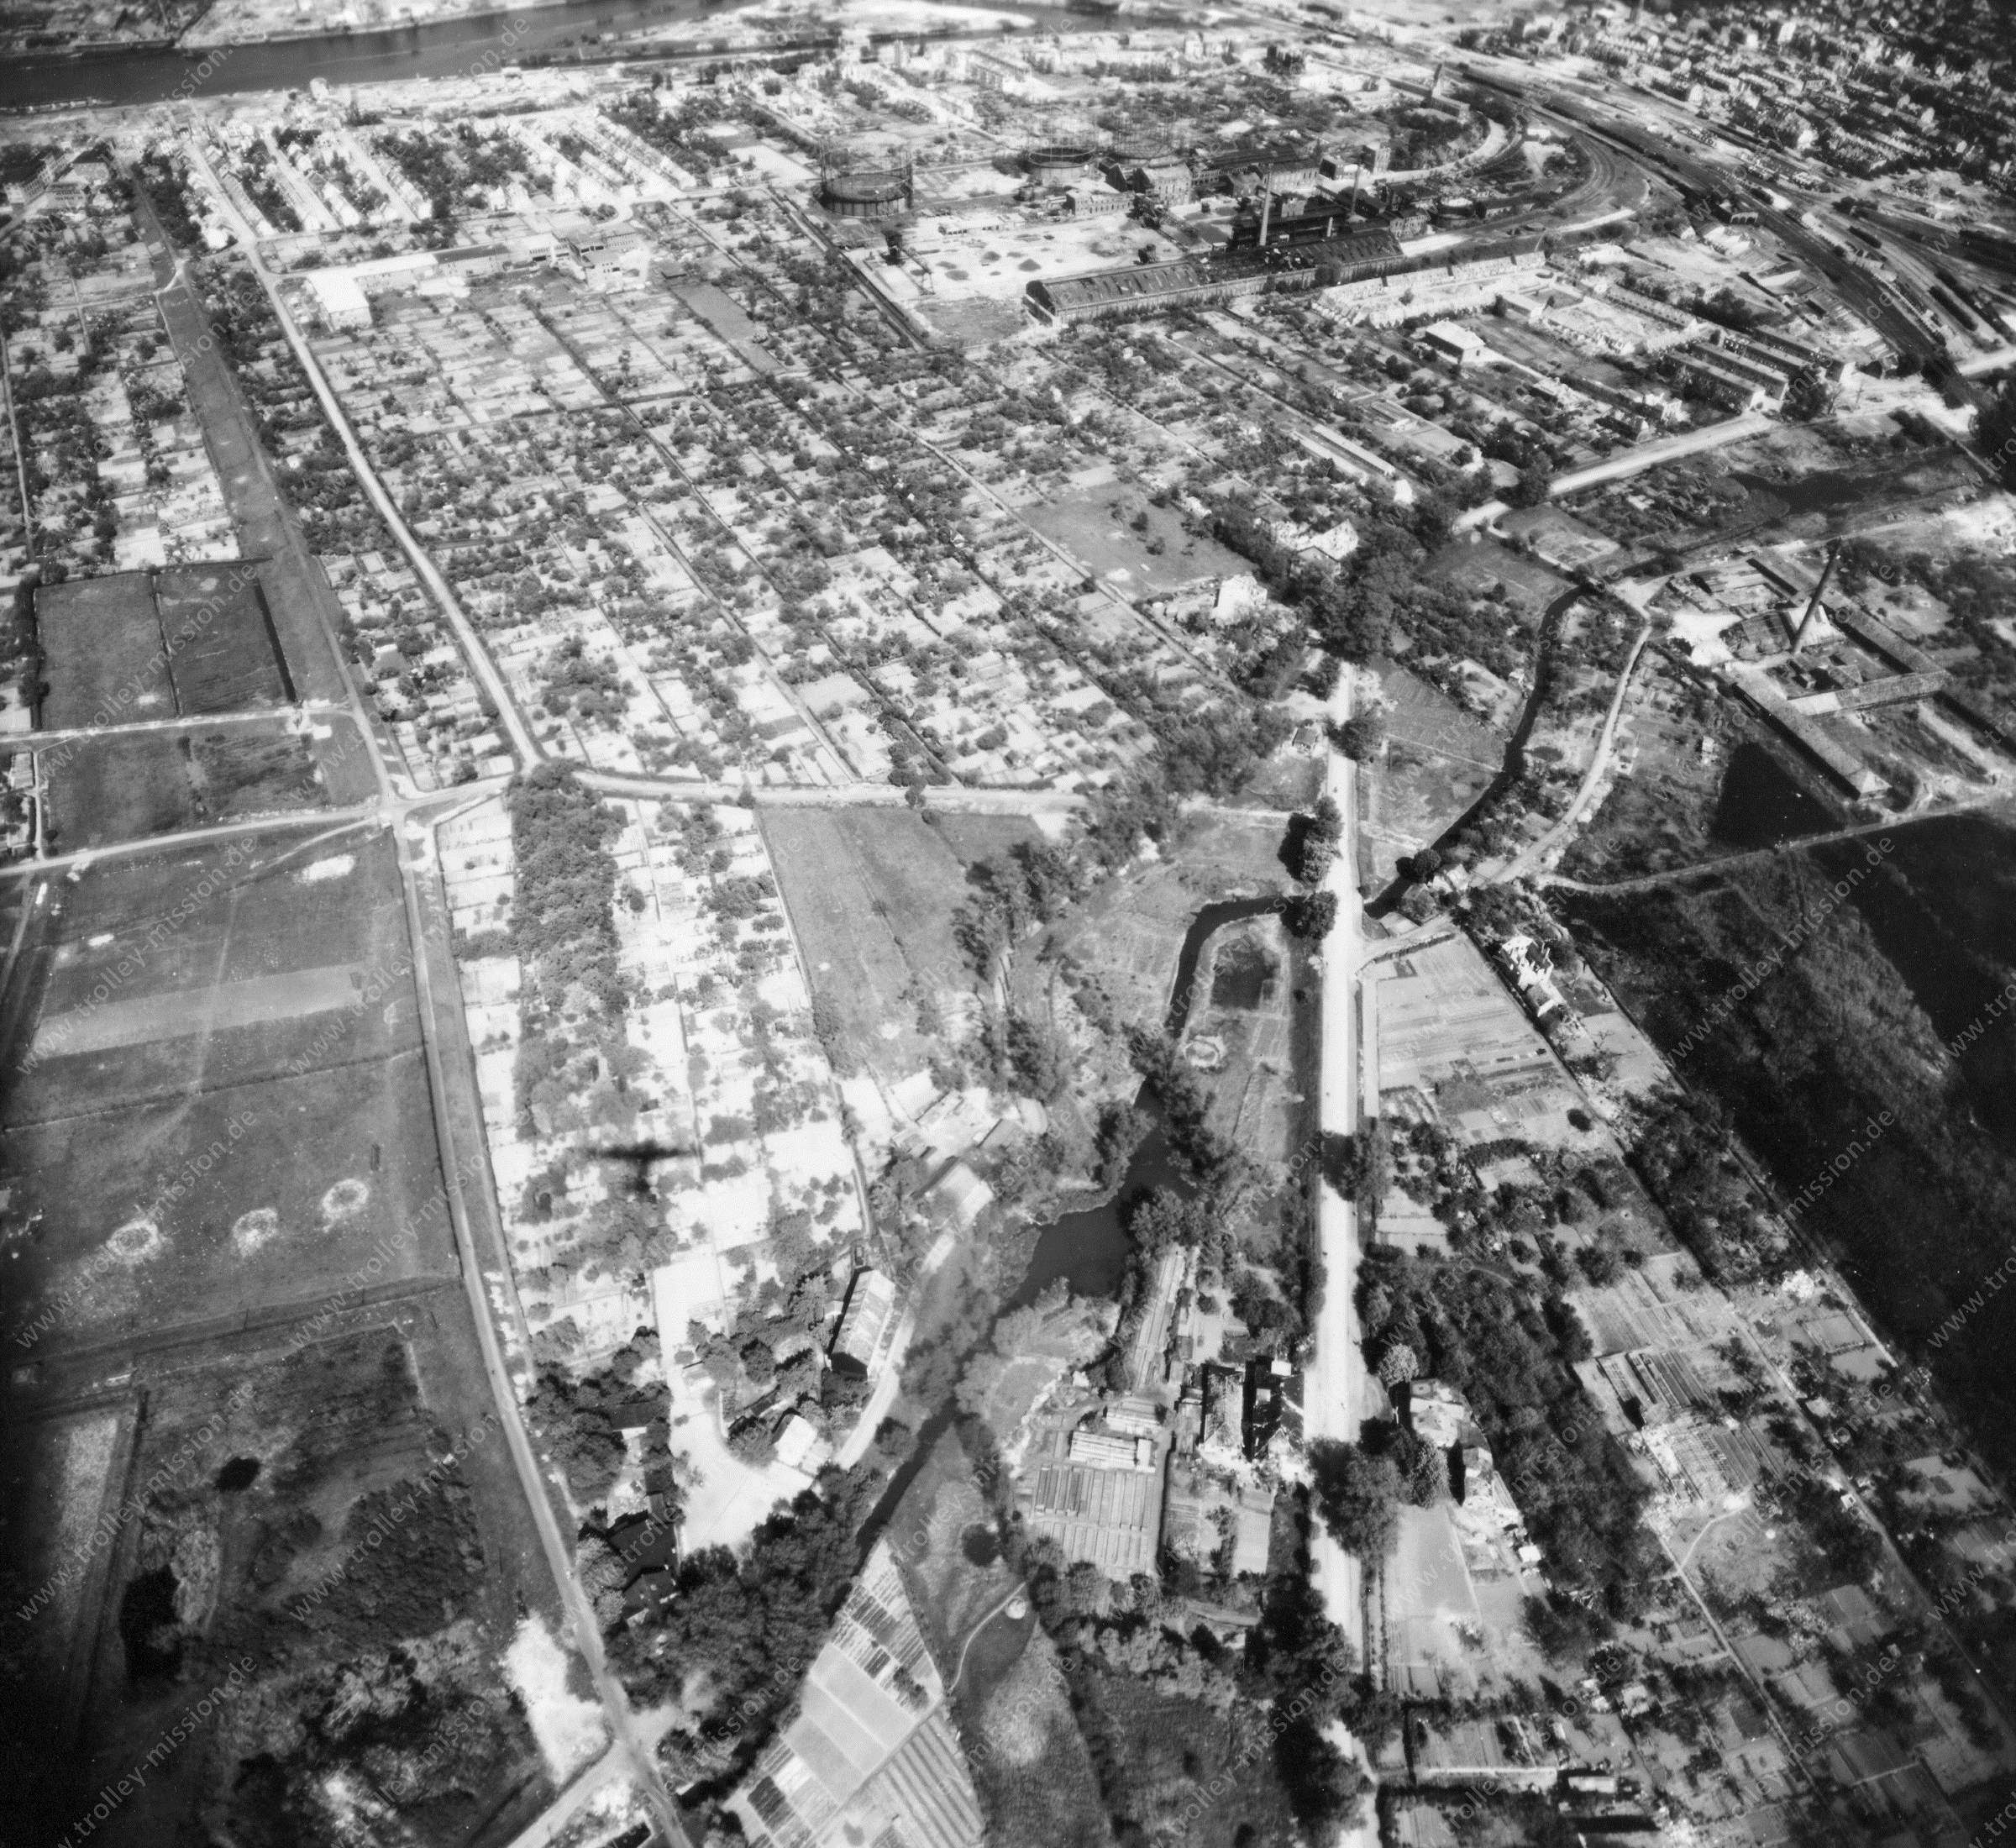 Luftbild von Bremen am 12. Mai 1945 - Luftbildserie 5/12 der US Air Force